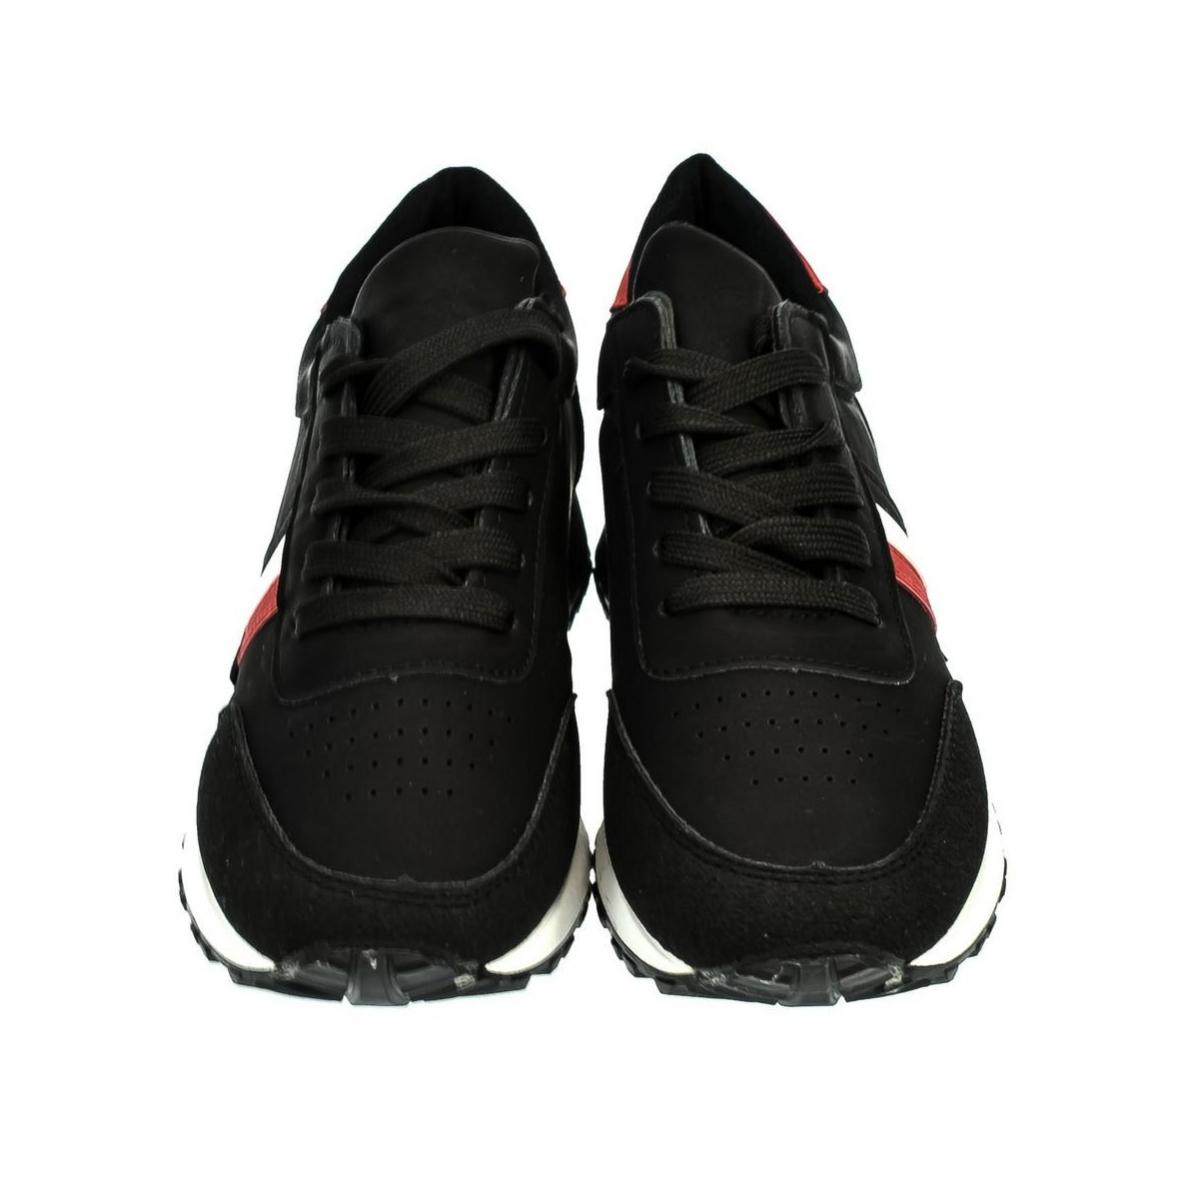 Dámske čierne tenisky MENTO - 2 0f43aa368e1